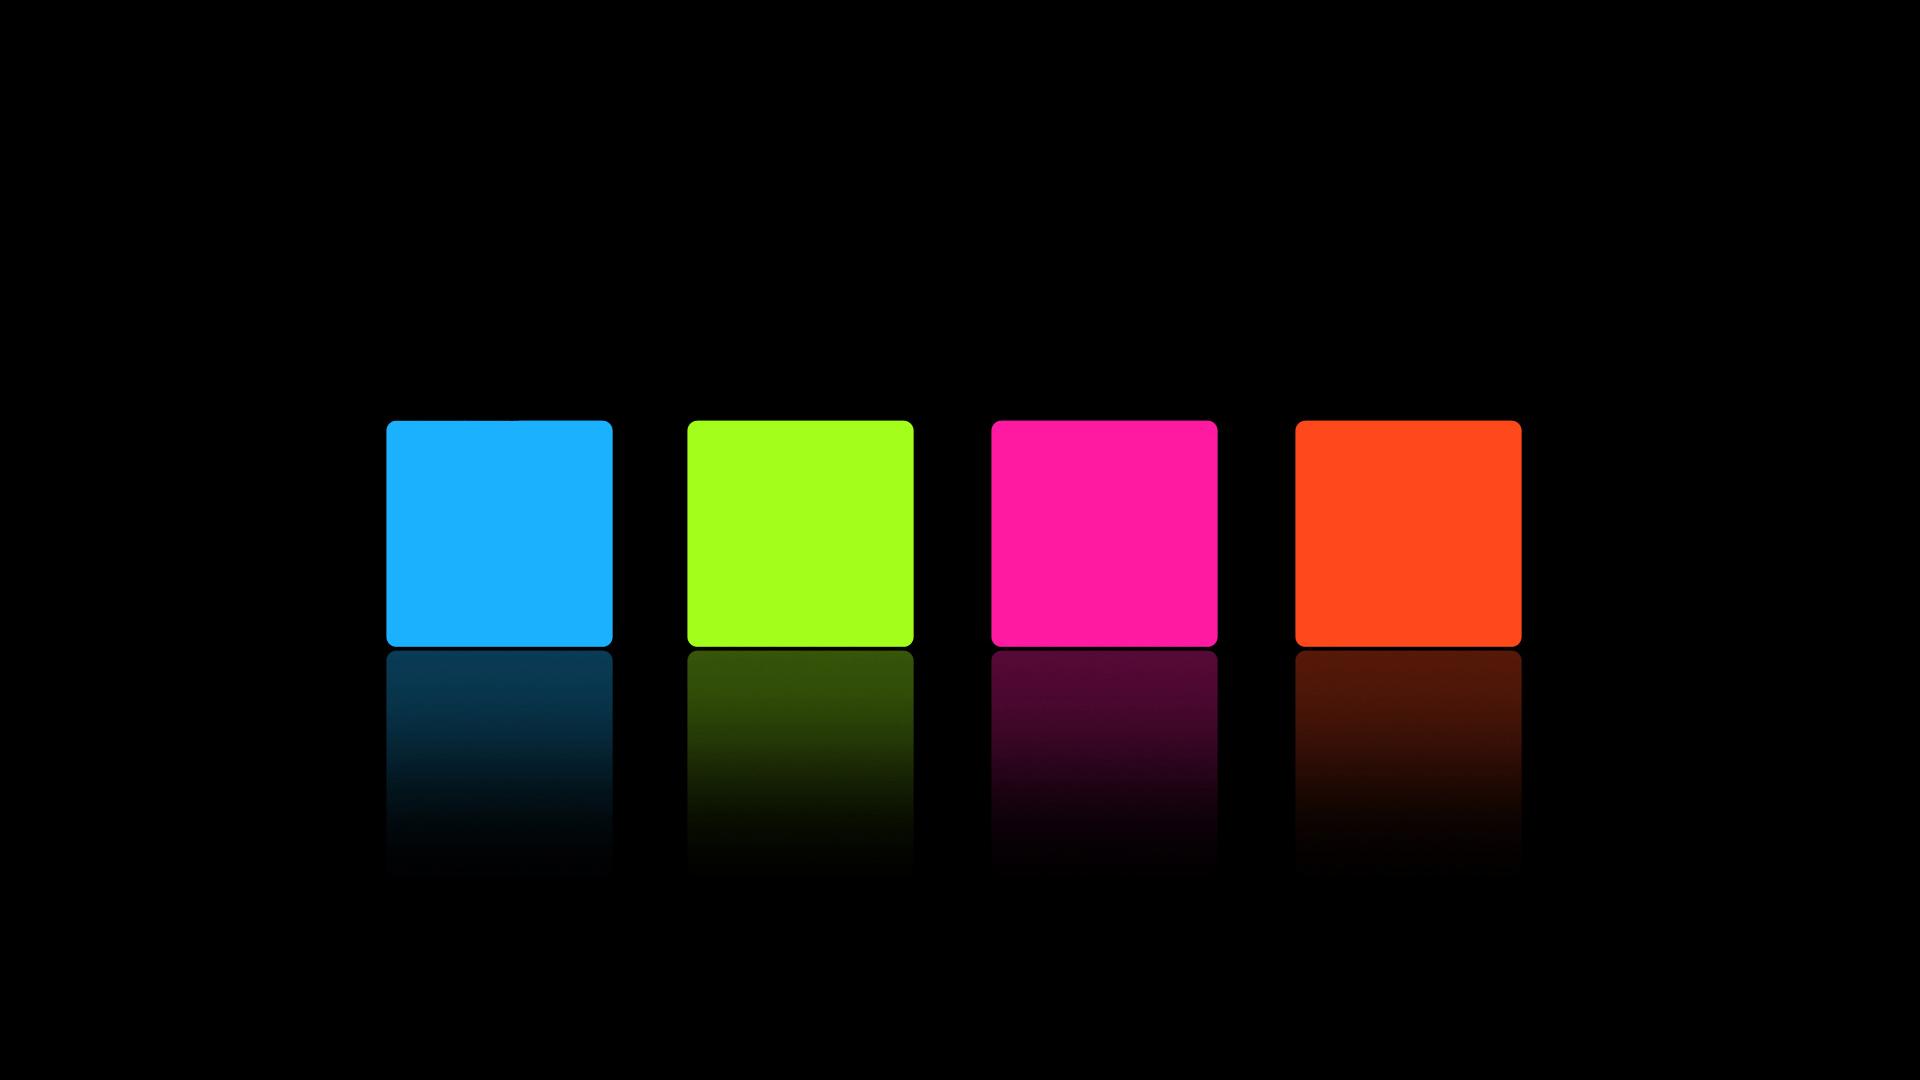 windows 7 desktop wallpaper folder www wallpapers in hd com